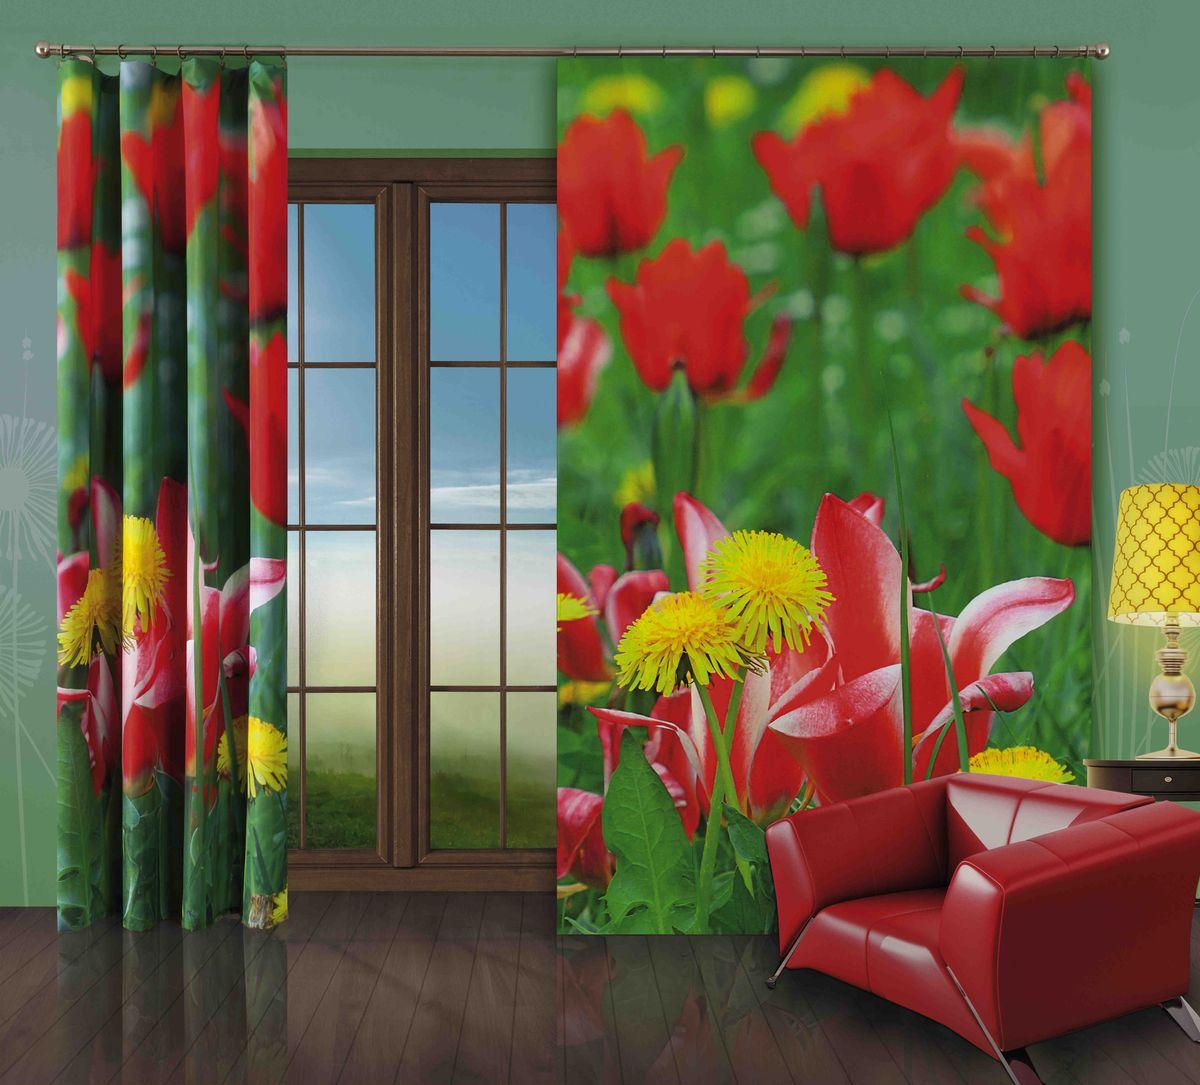 Комплект гардин-панно Wisan Tulipany, на ленте, цвет: зеленый, красный, высота 250 см272WКомплект гардин-панно Wisan Tulipany, изготовленный из полиэстера, станет великолепным украшением любого окна. В комплект входят 2 плотные гардины с изображением летнего луга.Качественный материал, оригинальный дизайн и приятная цветовая гамма привлекут к себе внимание и органично впишутся в интерьер. Комплект оснащен шторной лентой для красивой сборки.Размер гардин-панно: 150 см х 250 см.Фирма Wisan на польском рынке существует уже более пятидесяти лет и является одной из лучших польских фабрик по производству штор и тканей. Ассортимент фирмы представлен готовыми комплектами штор для гостиной, детской, кухни, а также текстилем для кухни (скатерти, салфетки, дорожки, кухонные занавески). Модельный ряд отличает оригинальный дизайн, высокое качество. Ассортимент продукции постоянно пополняется.